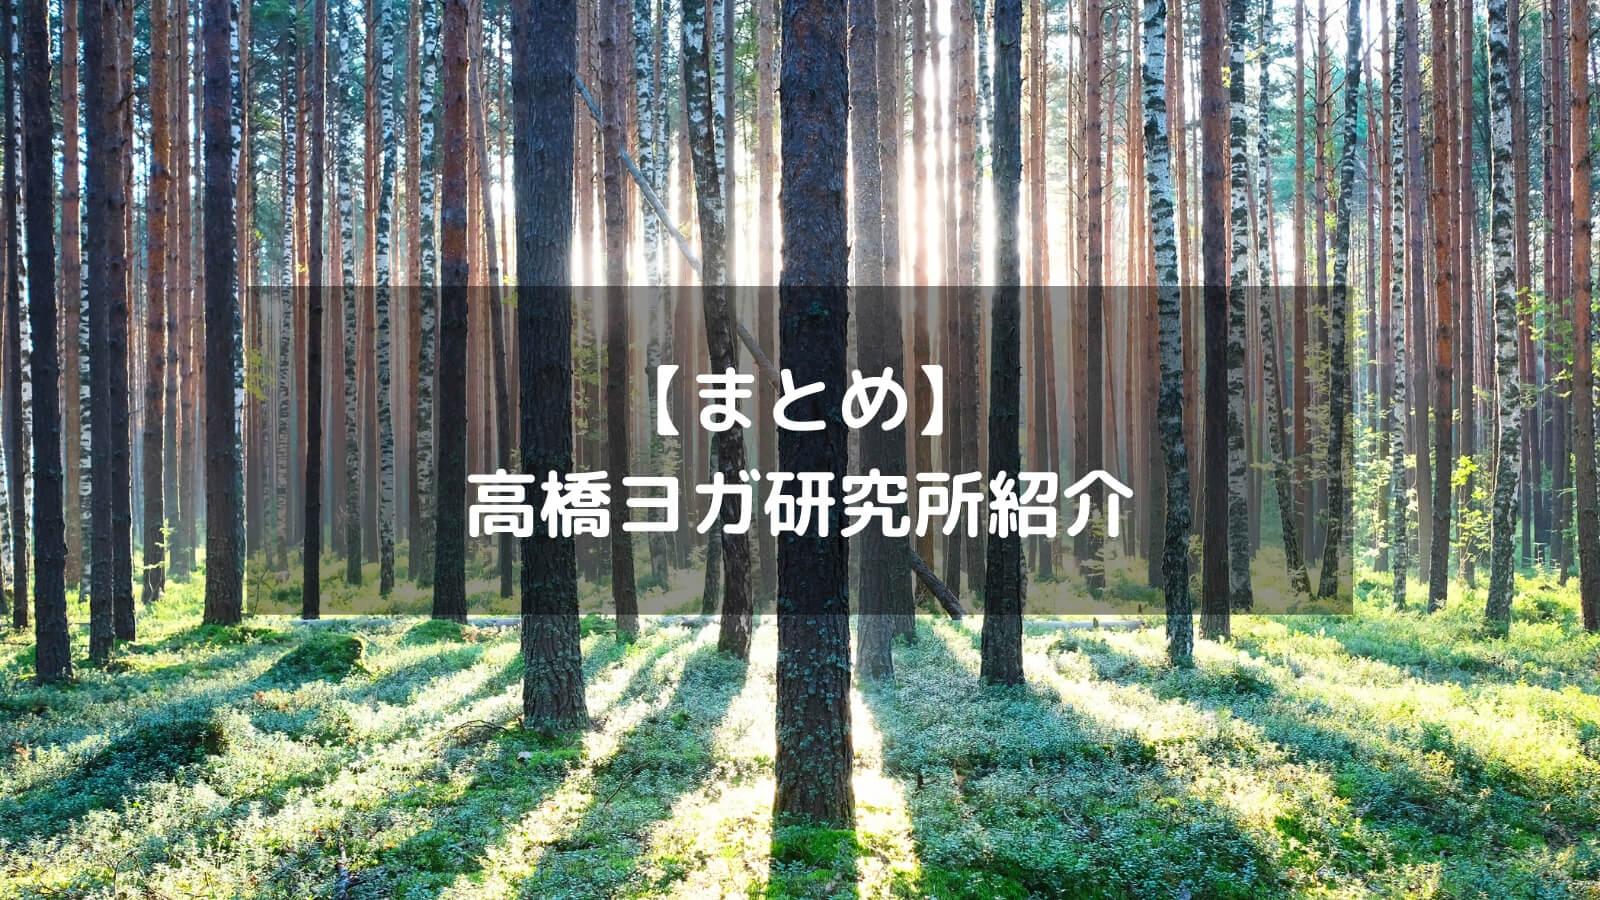 【まとめ】高橋ヨガ研究所紹介